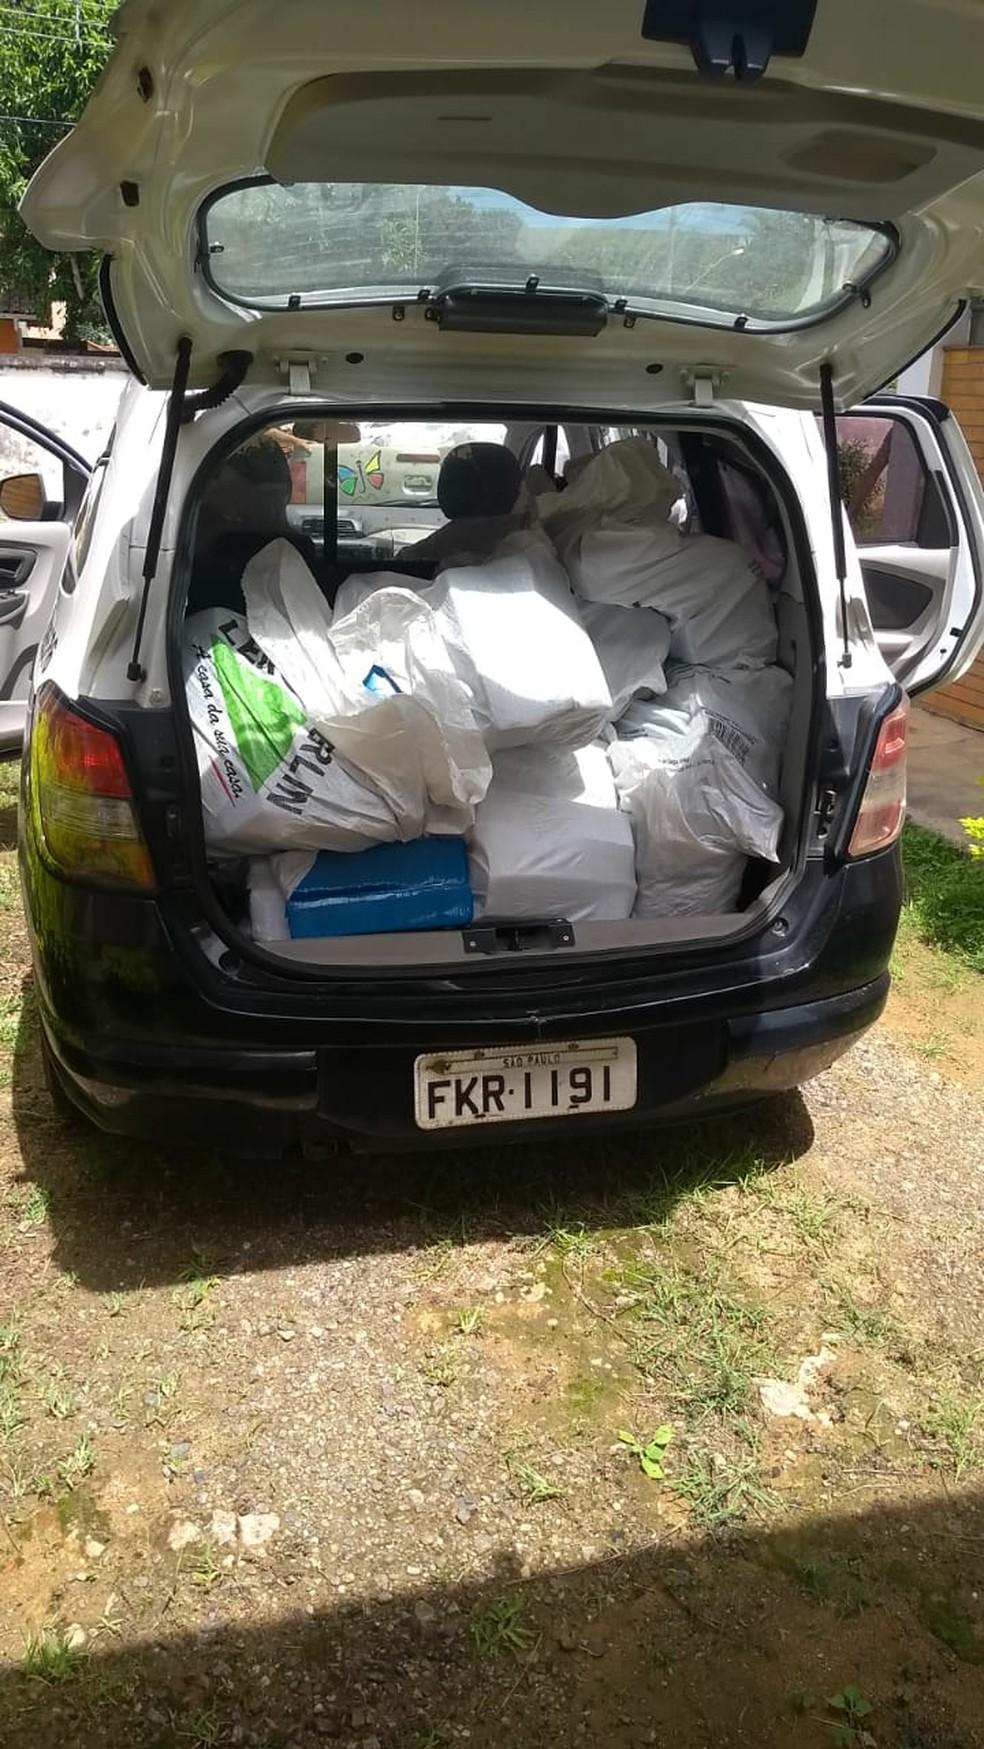 Droga foi levada para a delegacia em uma caminhonete da prefeitura e na viatura da polícia — Foto: Polícia Civil/Divulgação